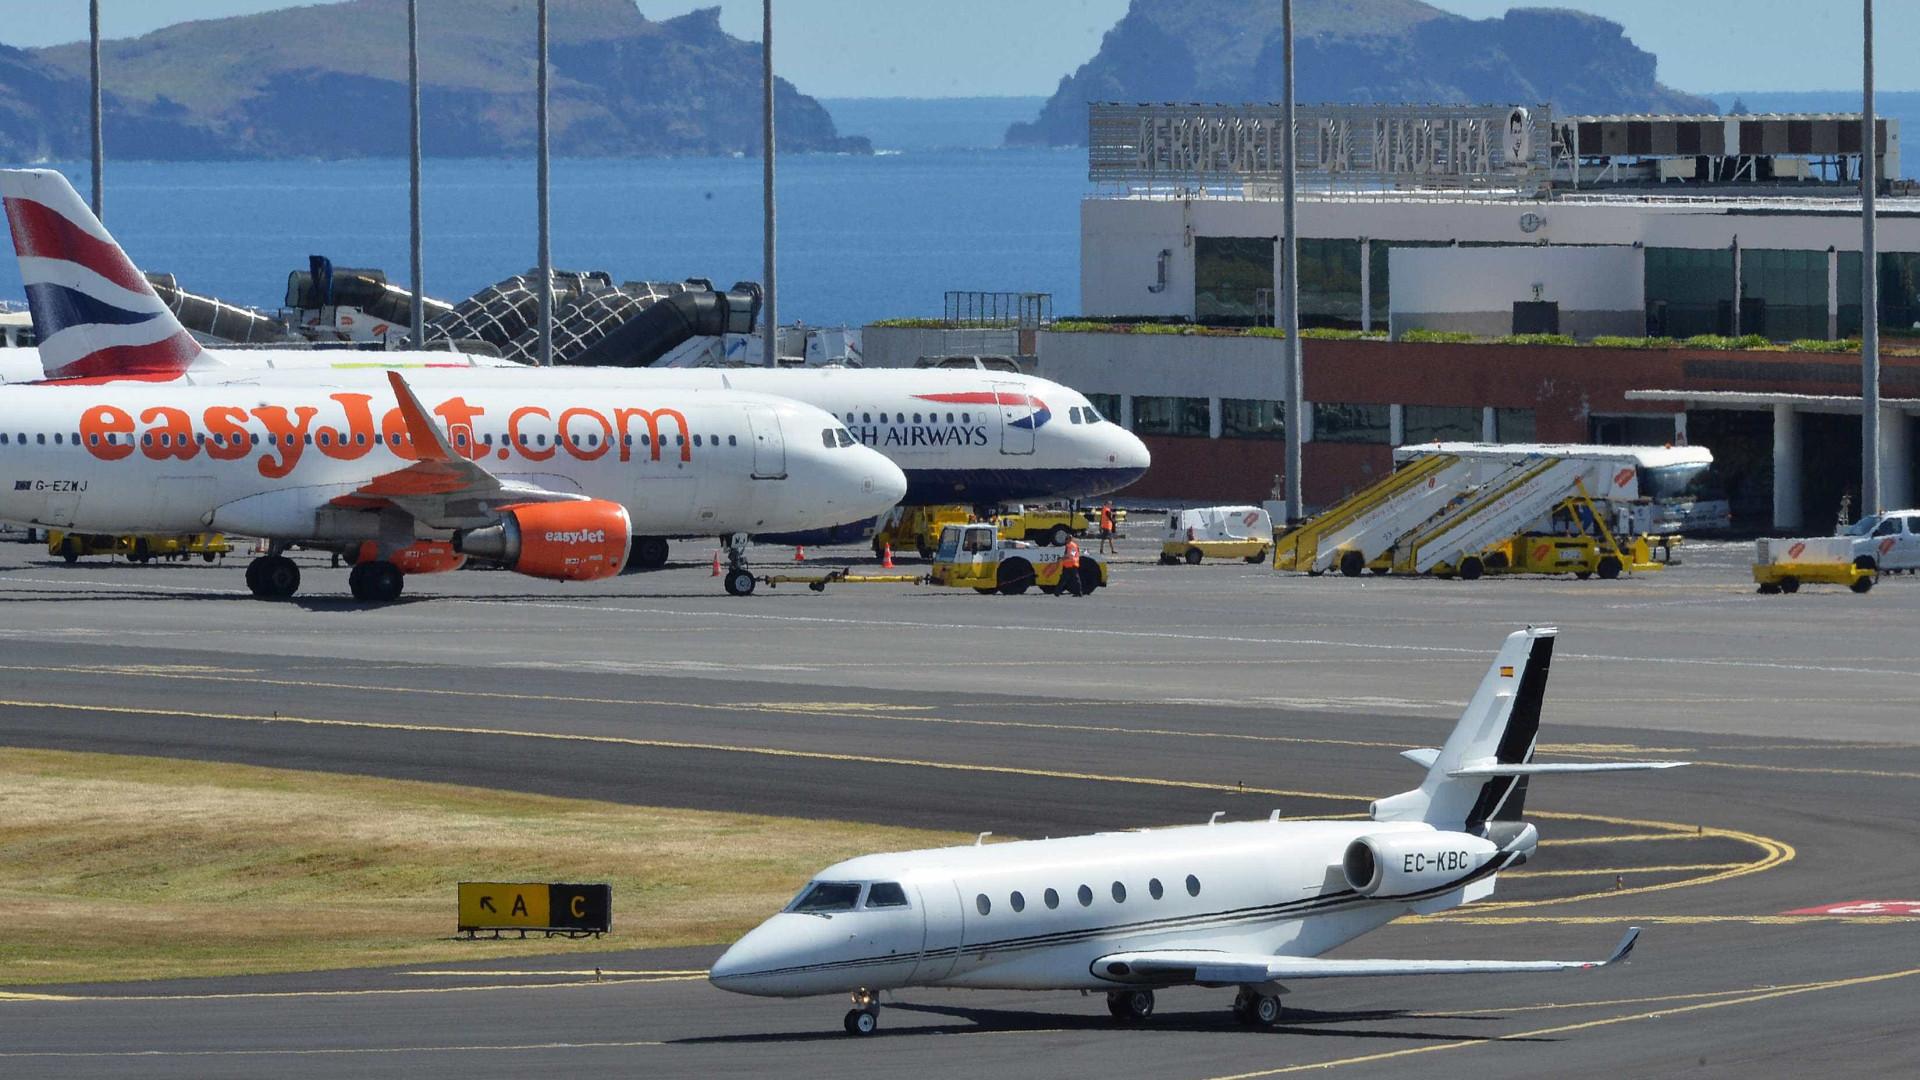 Aeroporto da Madeira com voos cancelados esta manhã devido ao vento